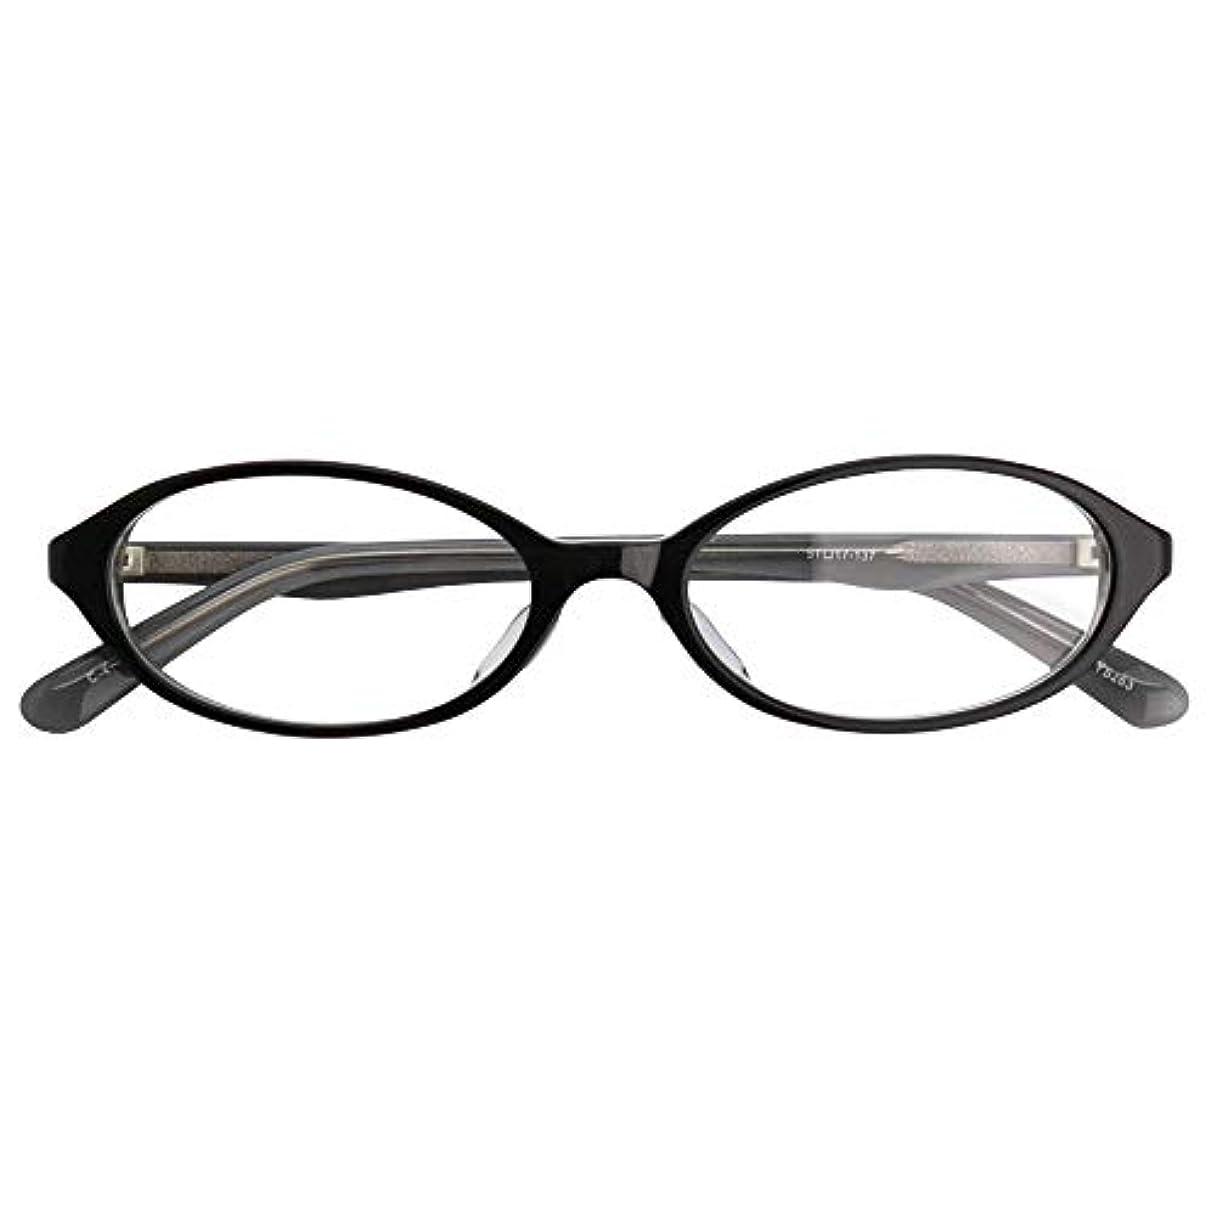 SHOWA (RSN) ネオンカラー 遠近両用 メガネ (ブラック) (レディース セット) 全額返金保証 老眼鏡 リーディンググラス 眼鏡 (瞳孔距離:57mm~59mm, 近くを見る度数:+2.5)